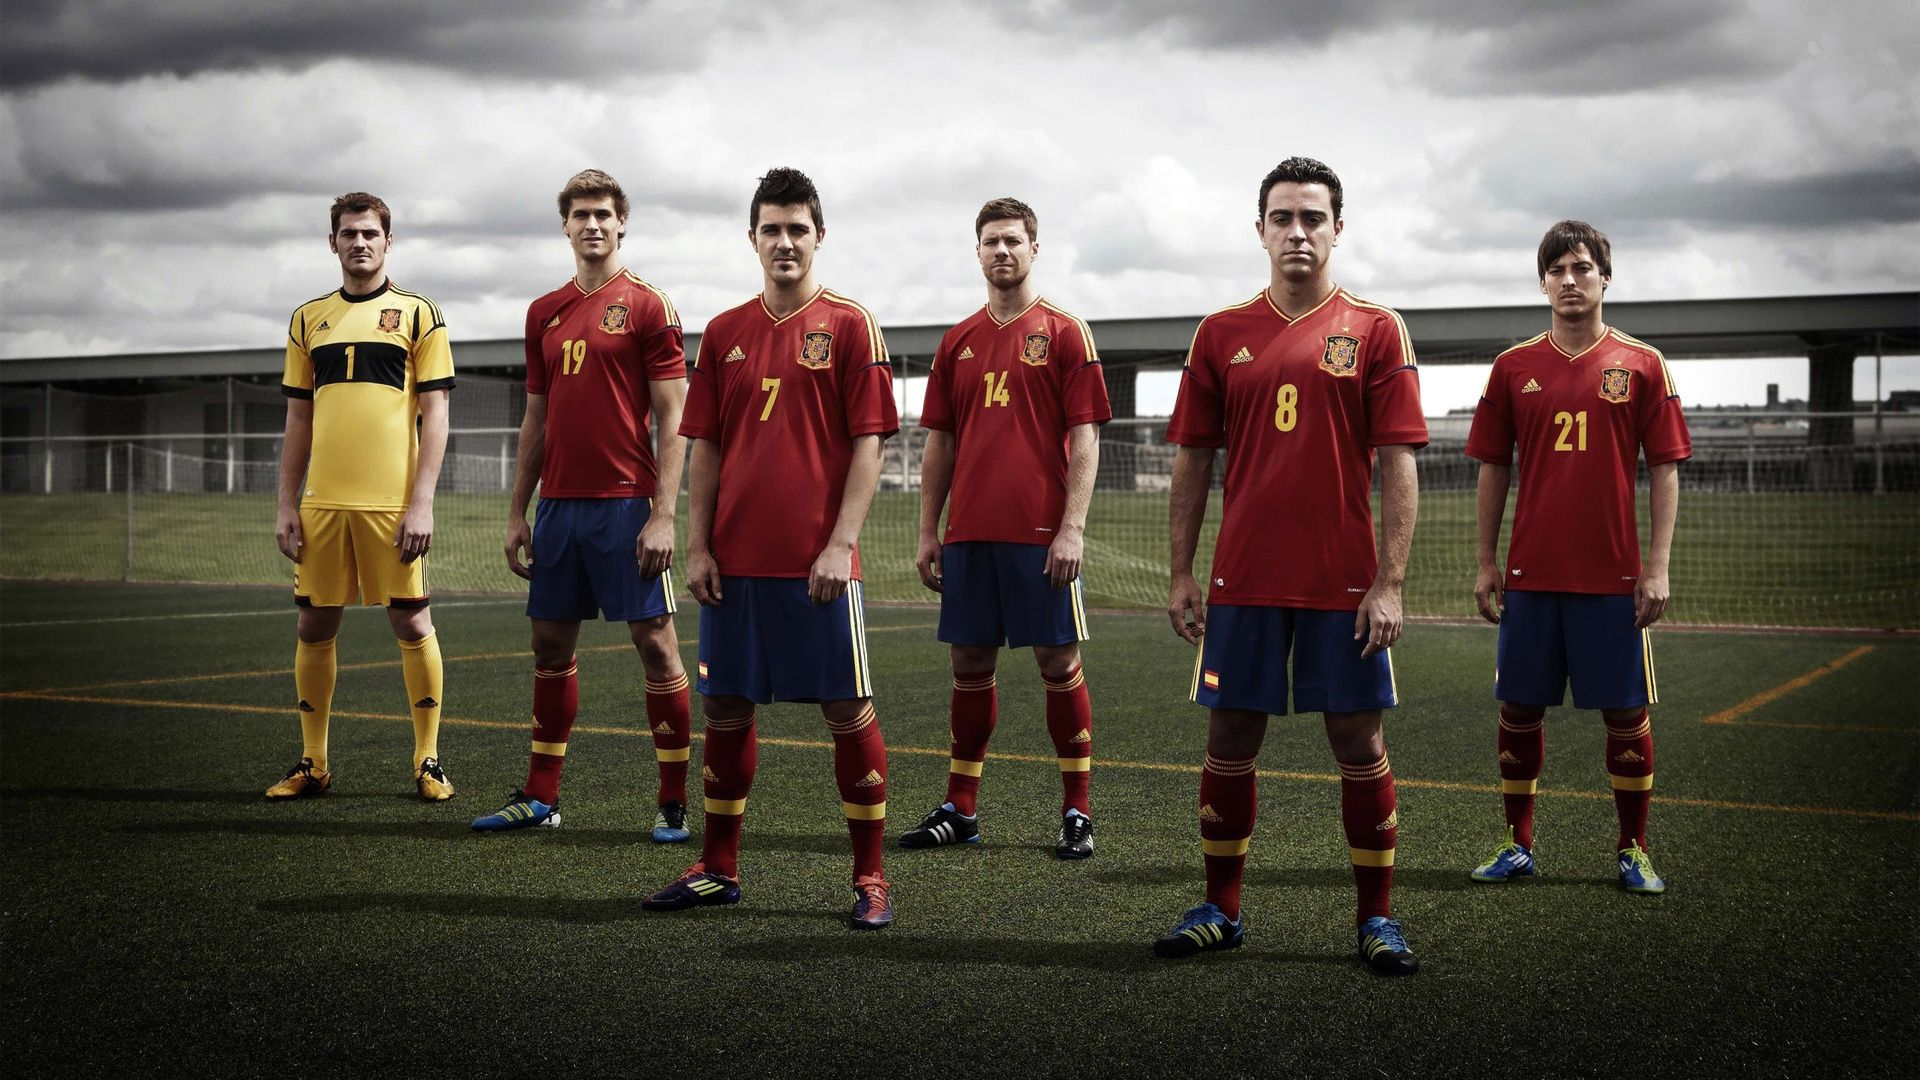 Spain Football Team Hd Wallpapers Spain National Football Team Spain Football National Football Teams